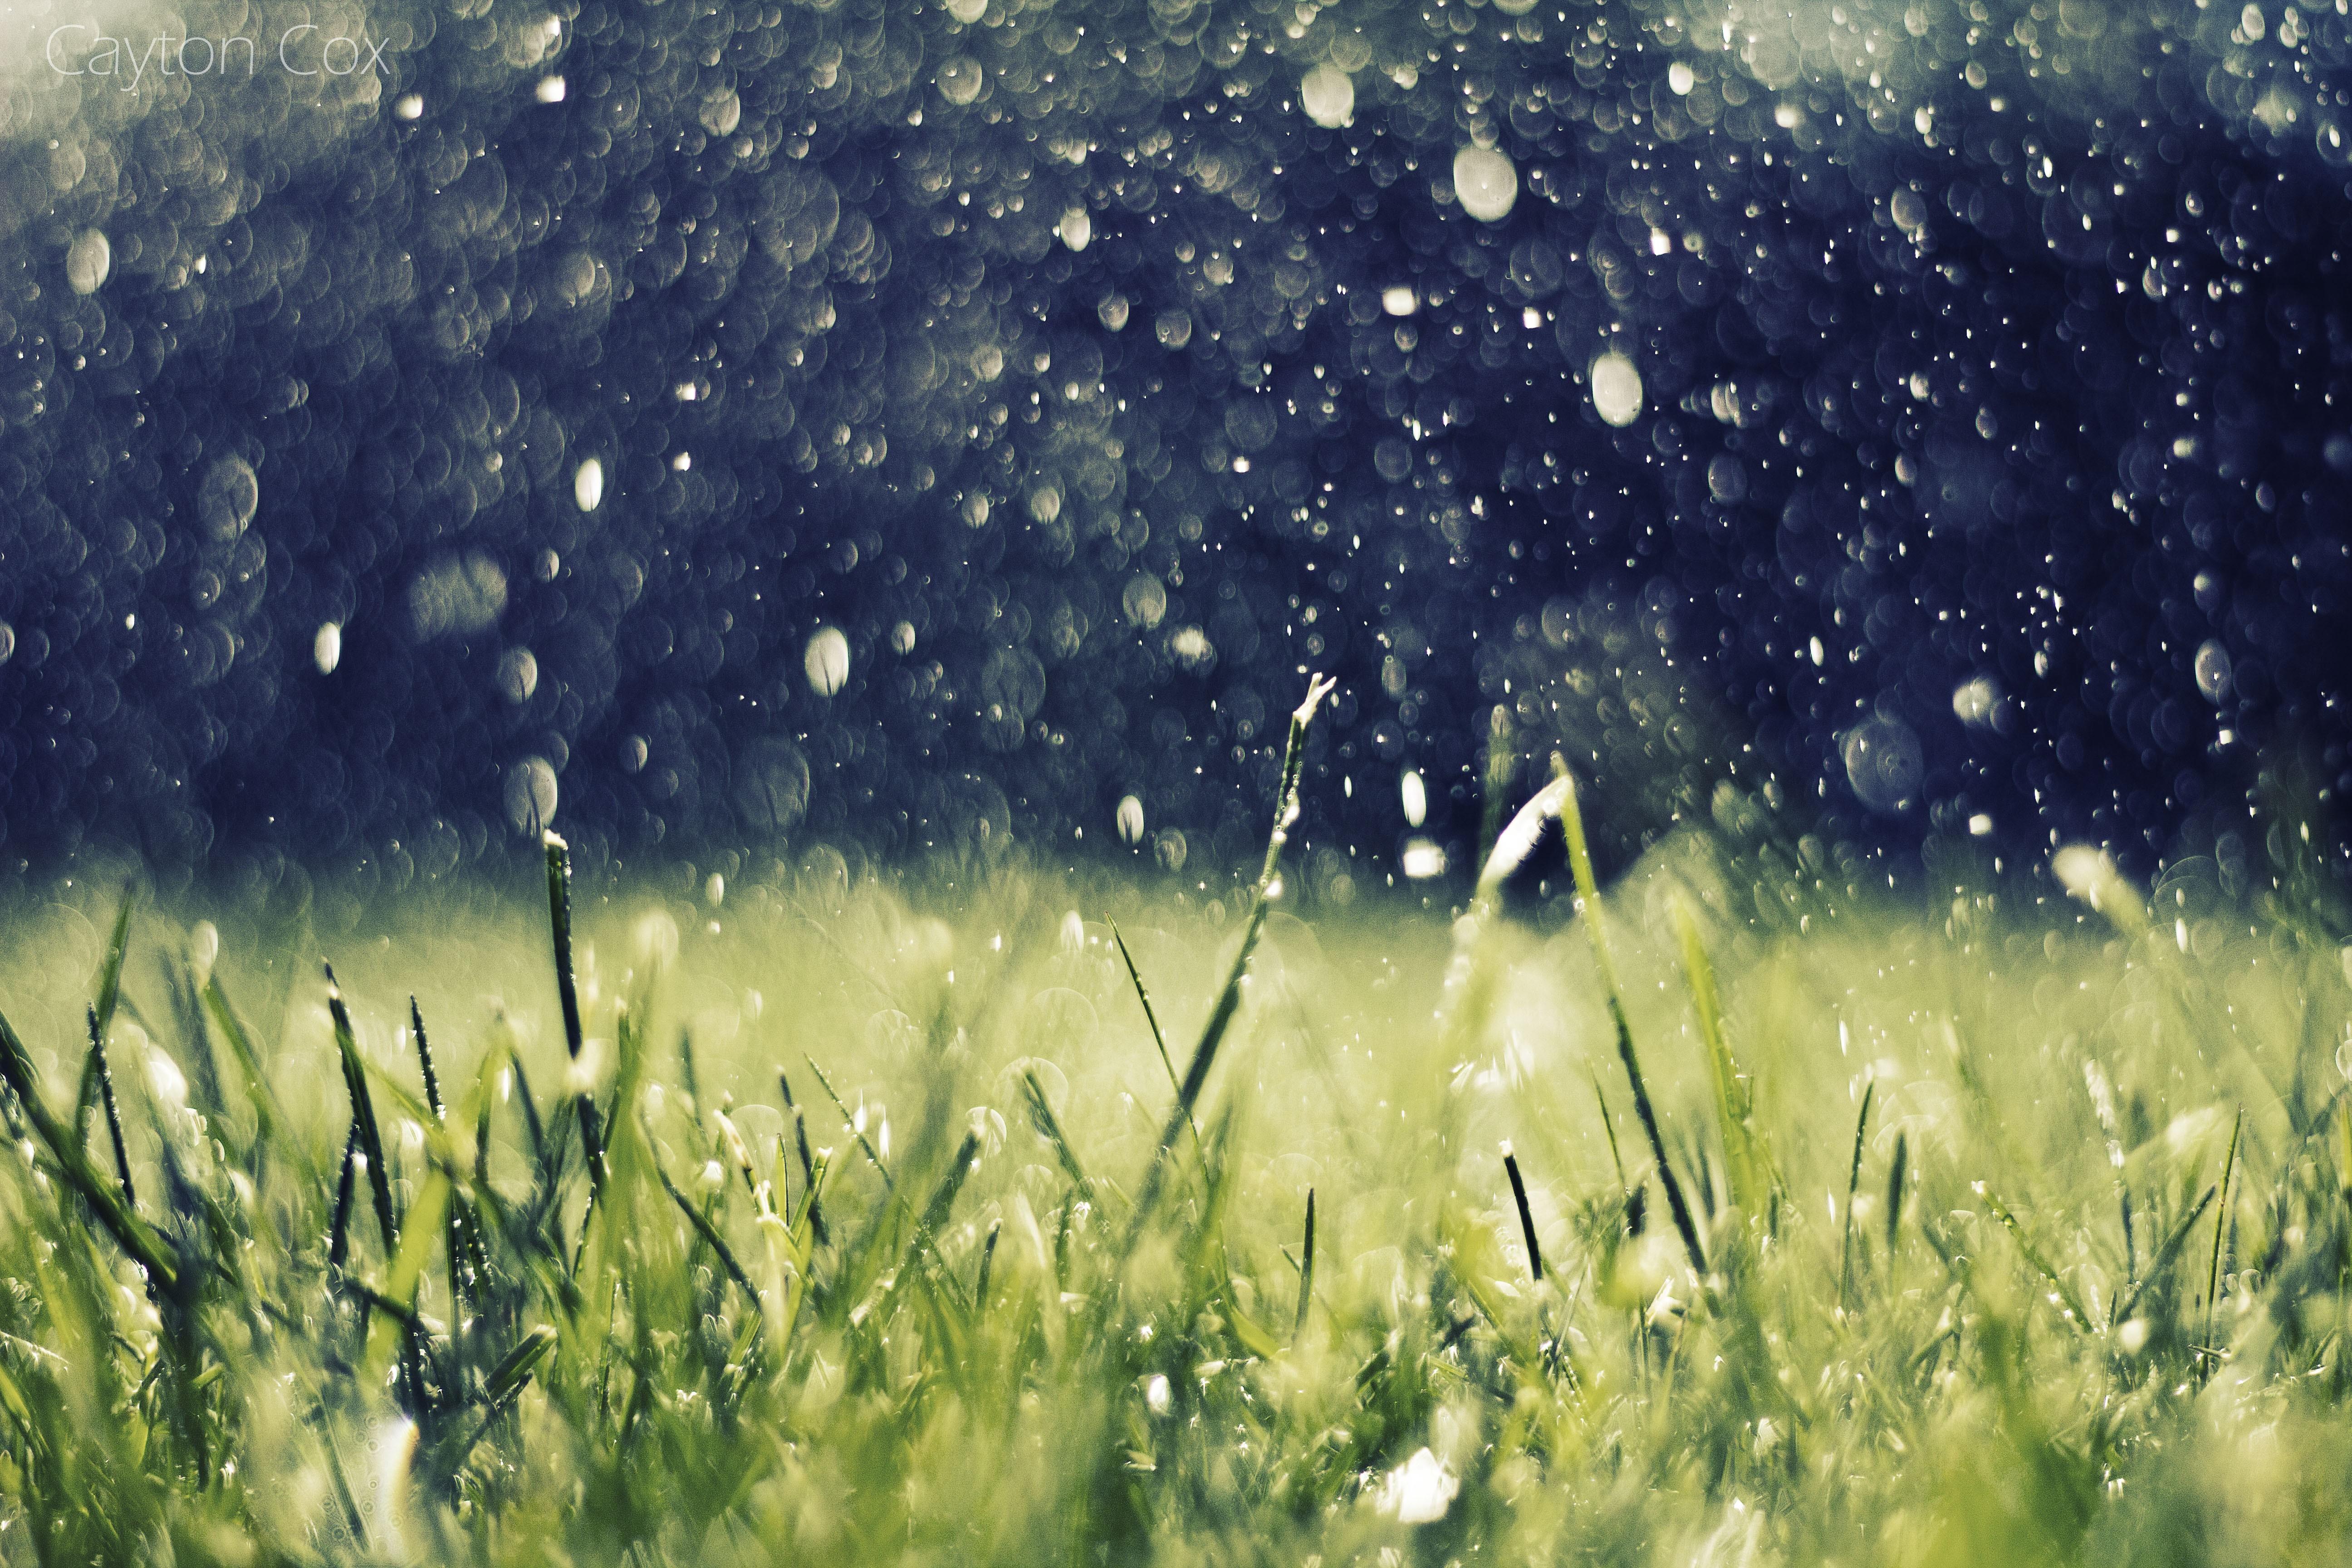 картинки для дождя них представляет